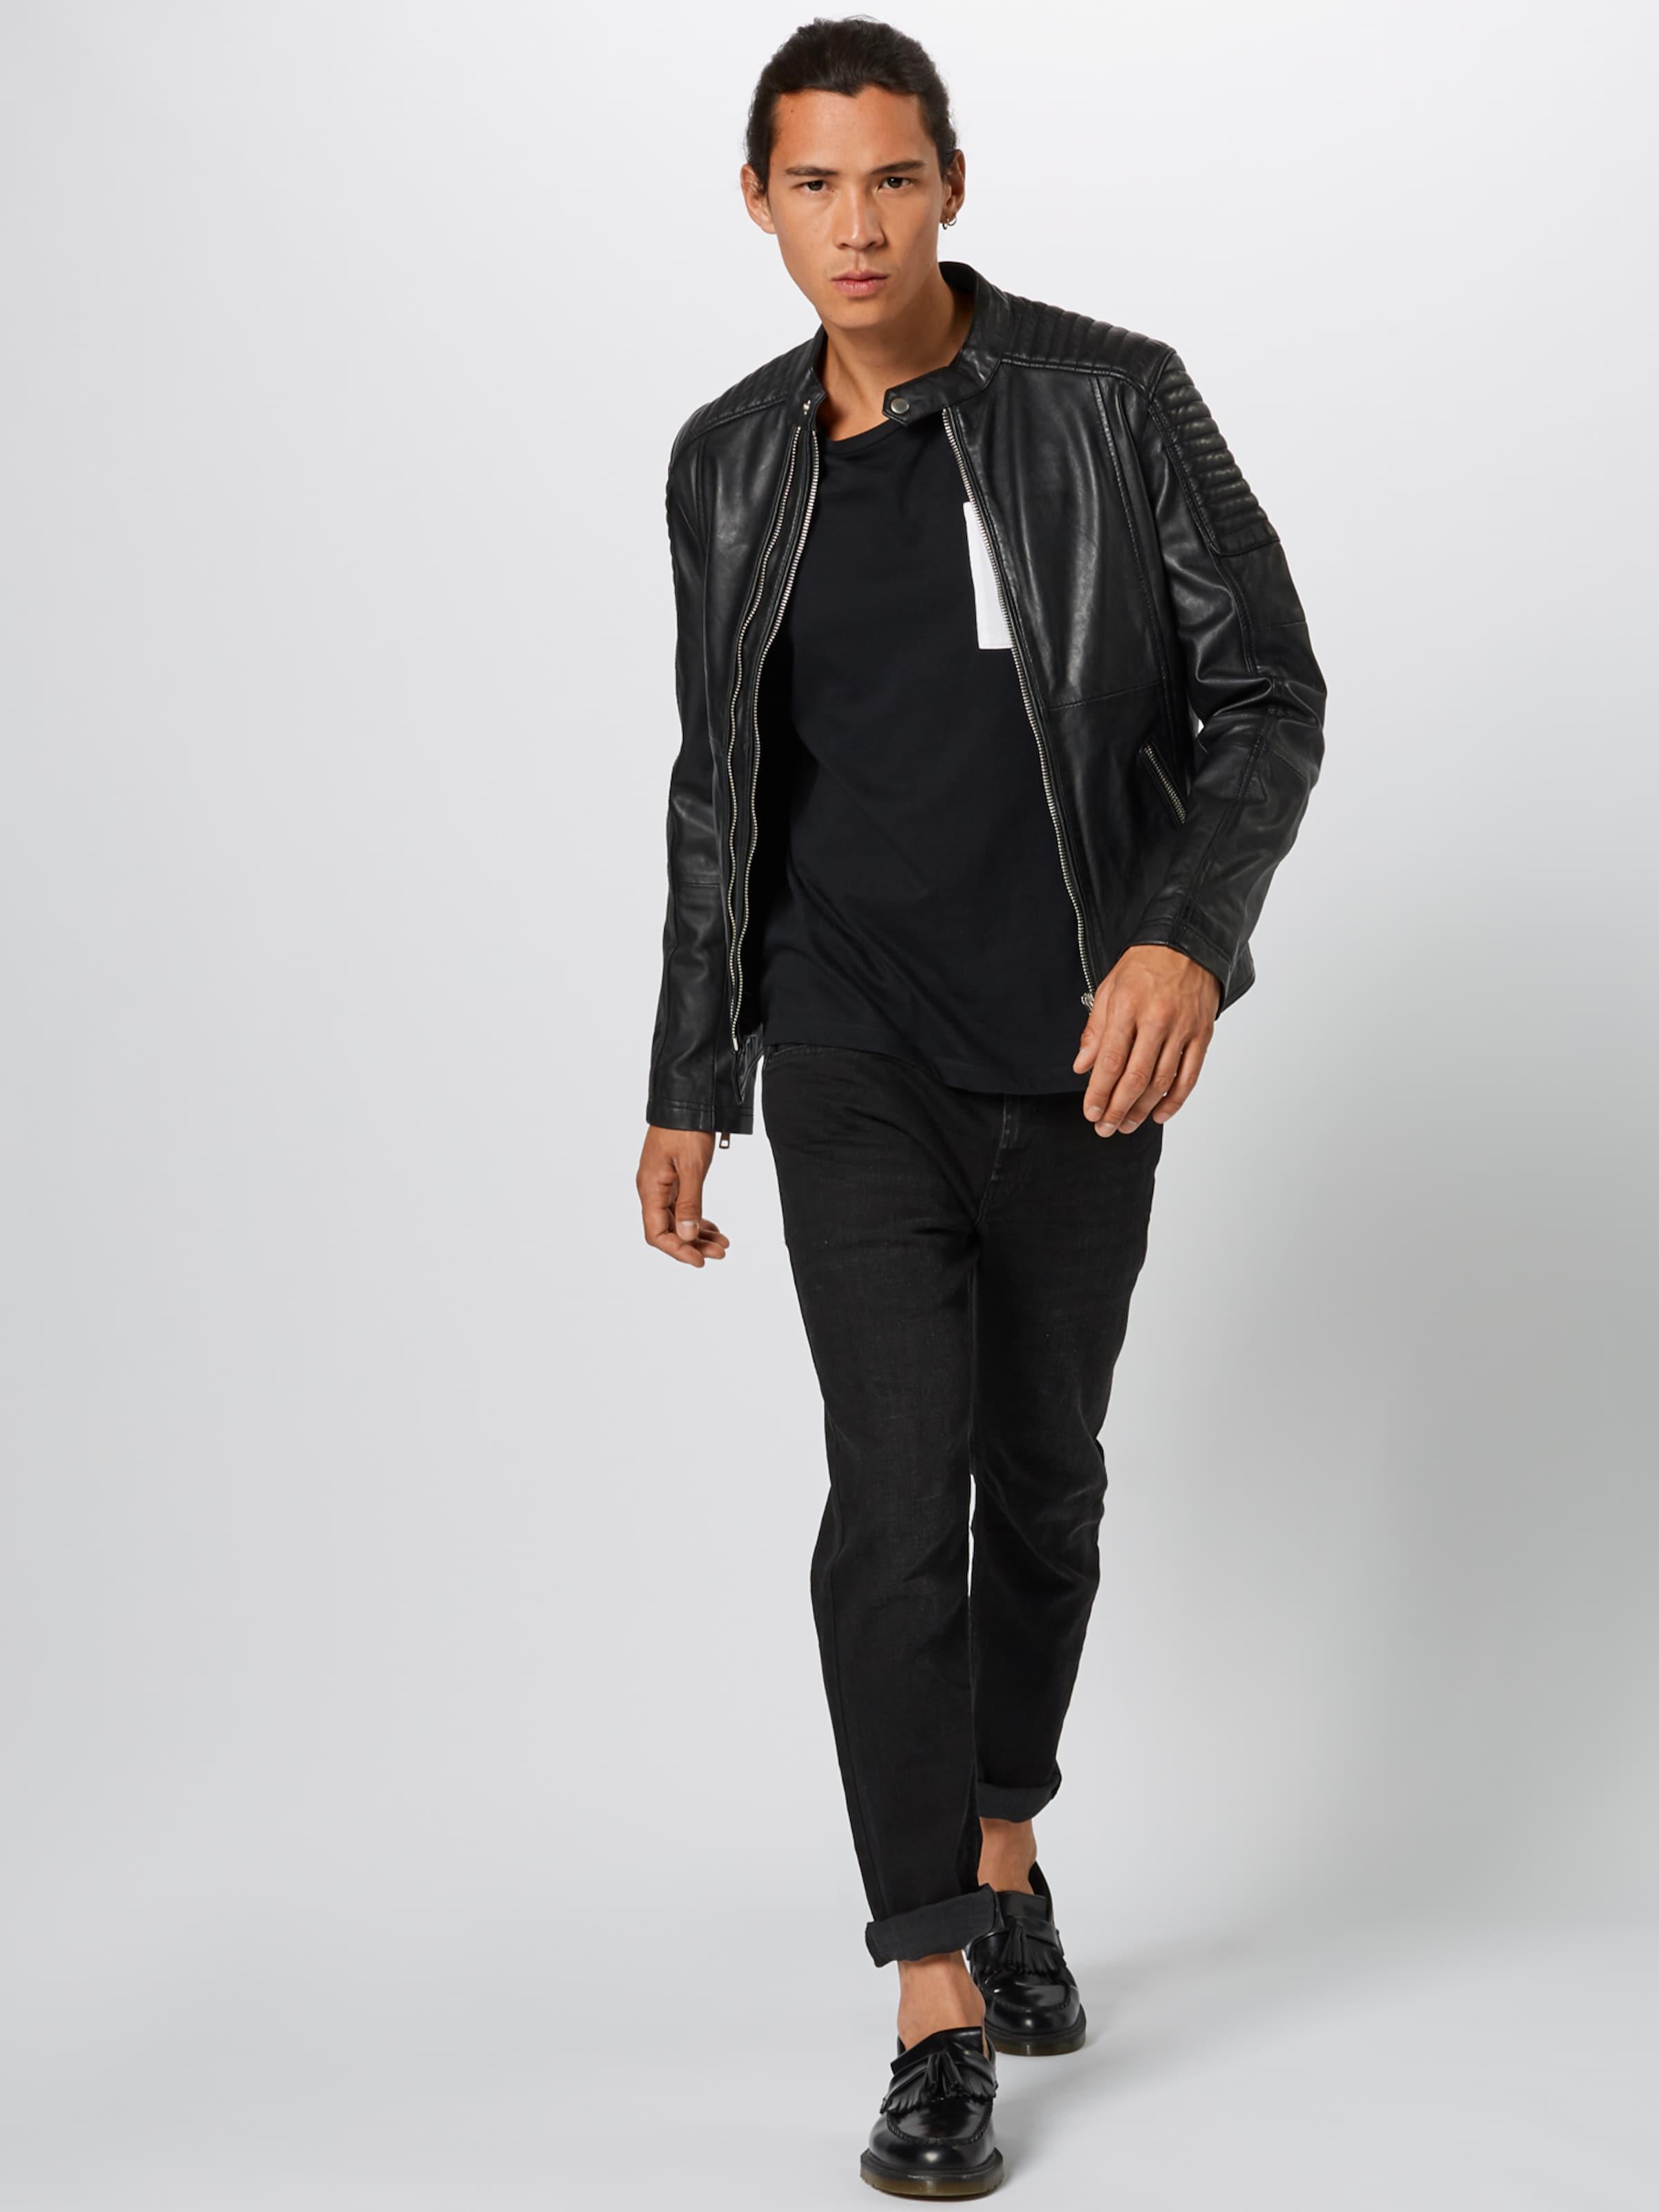 Ltb X' Denim Noir En Jean 'jonas Yb76gvfy